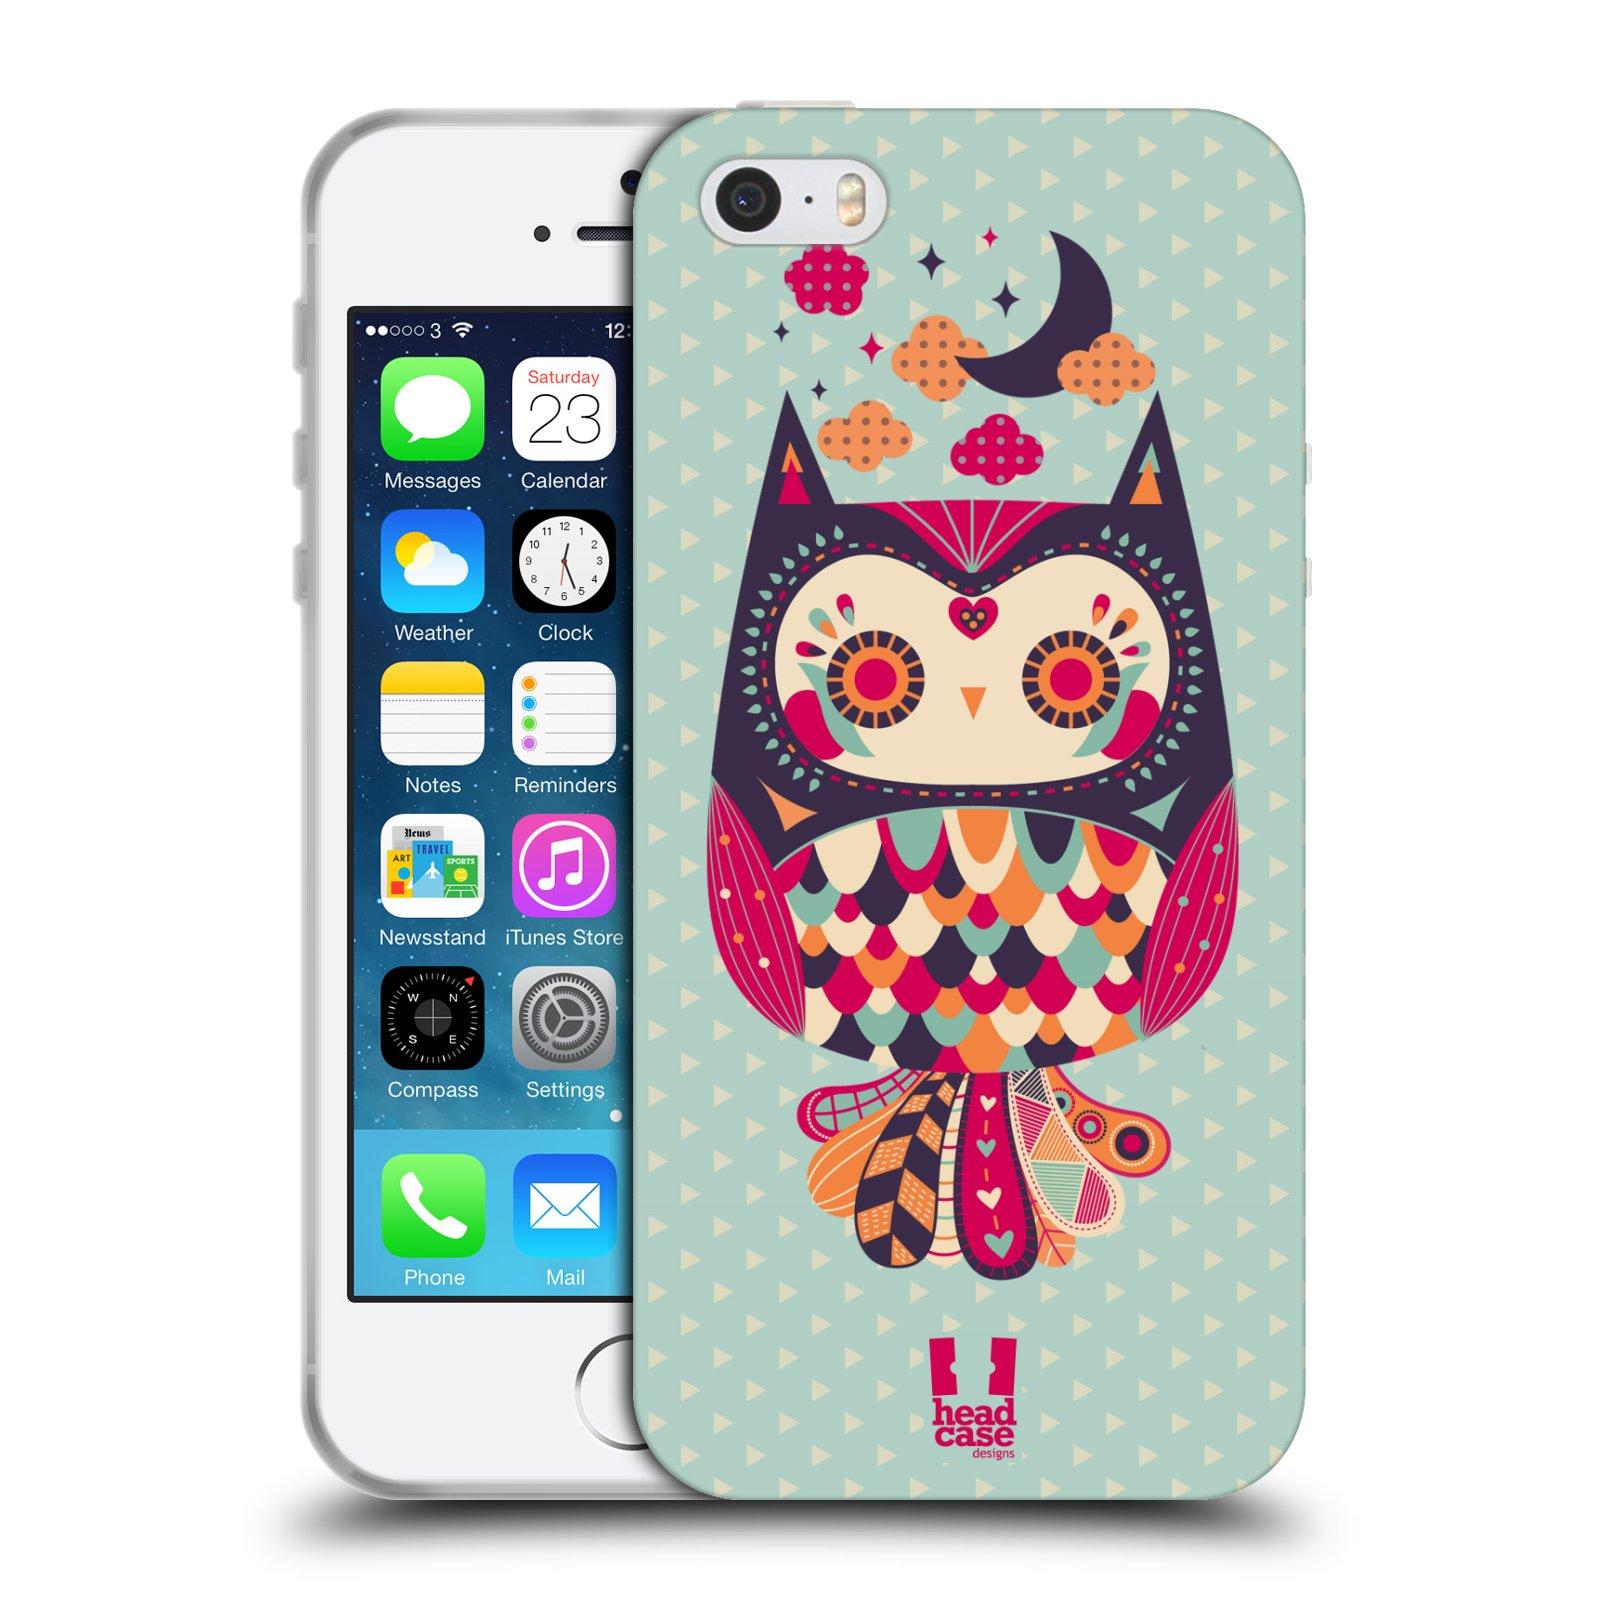 HEAD CASE silikonový obal na mobil Apple Iphone 5/5S vzor Stmívání sovička růžová a fialová